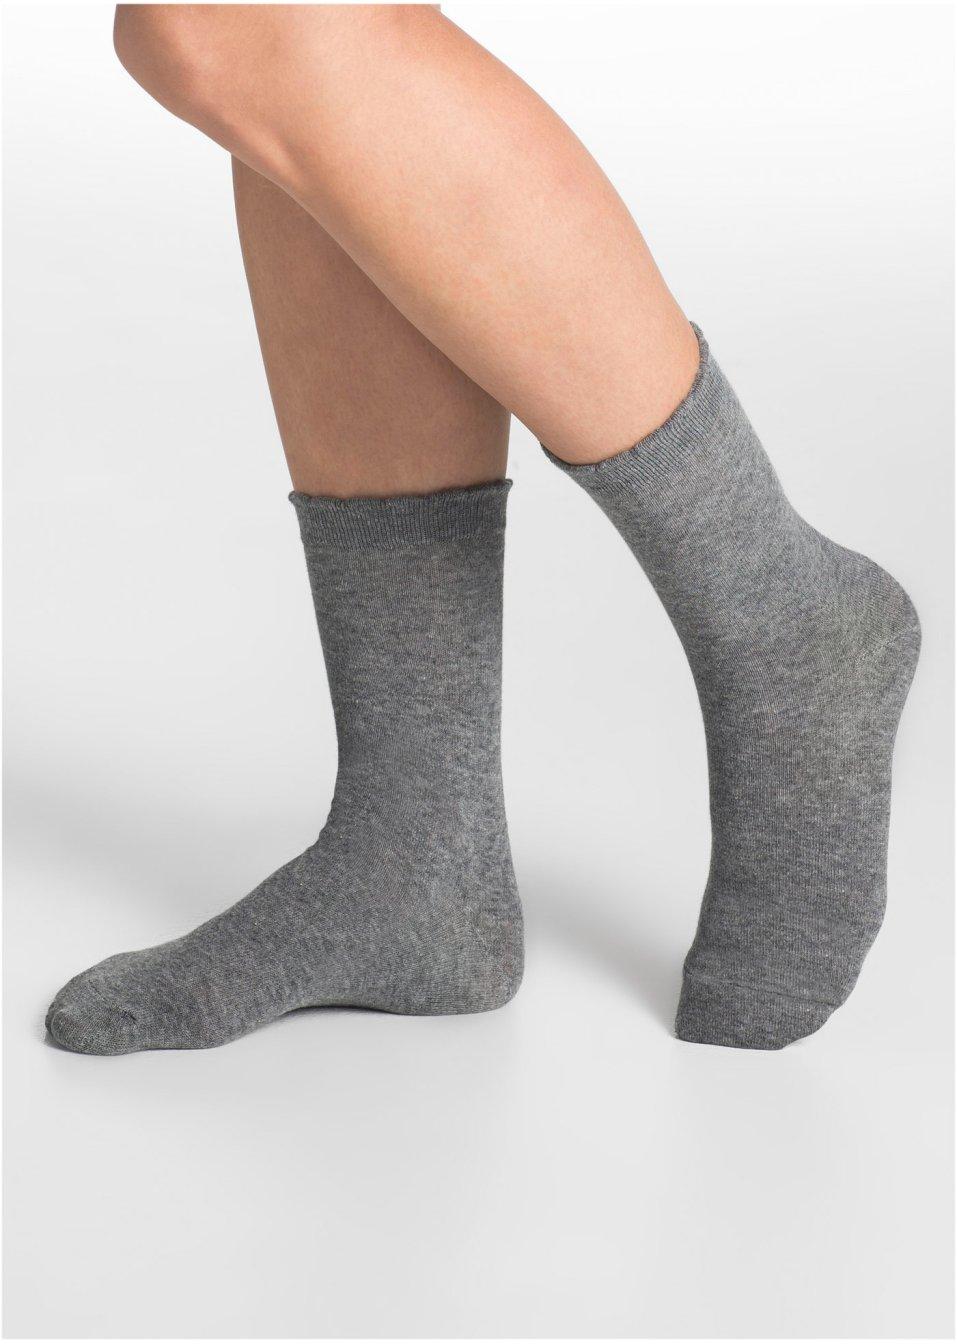 Lot de 5 paires de chaussettes femme gris noir blanc - Femme - bpc bonprix  collection - bonprix.fr d46afc6f371d